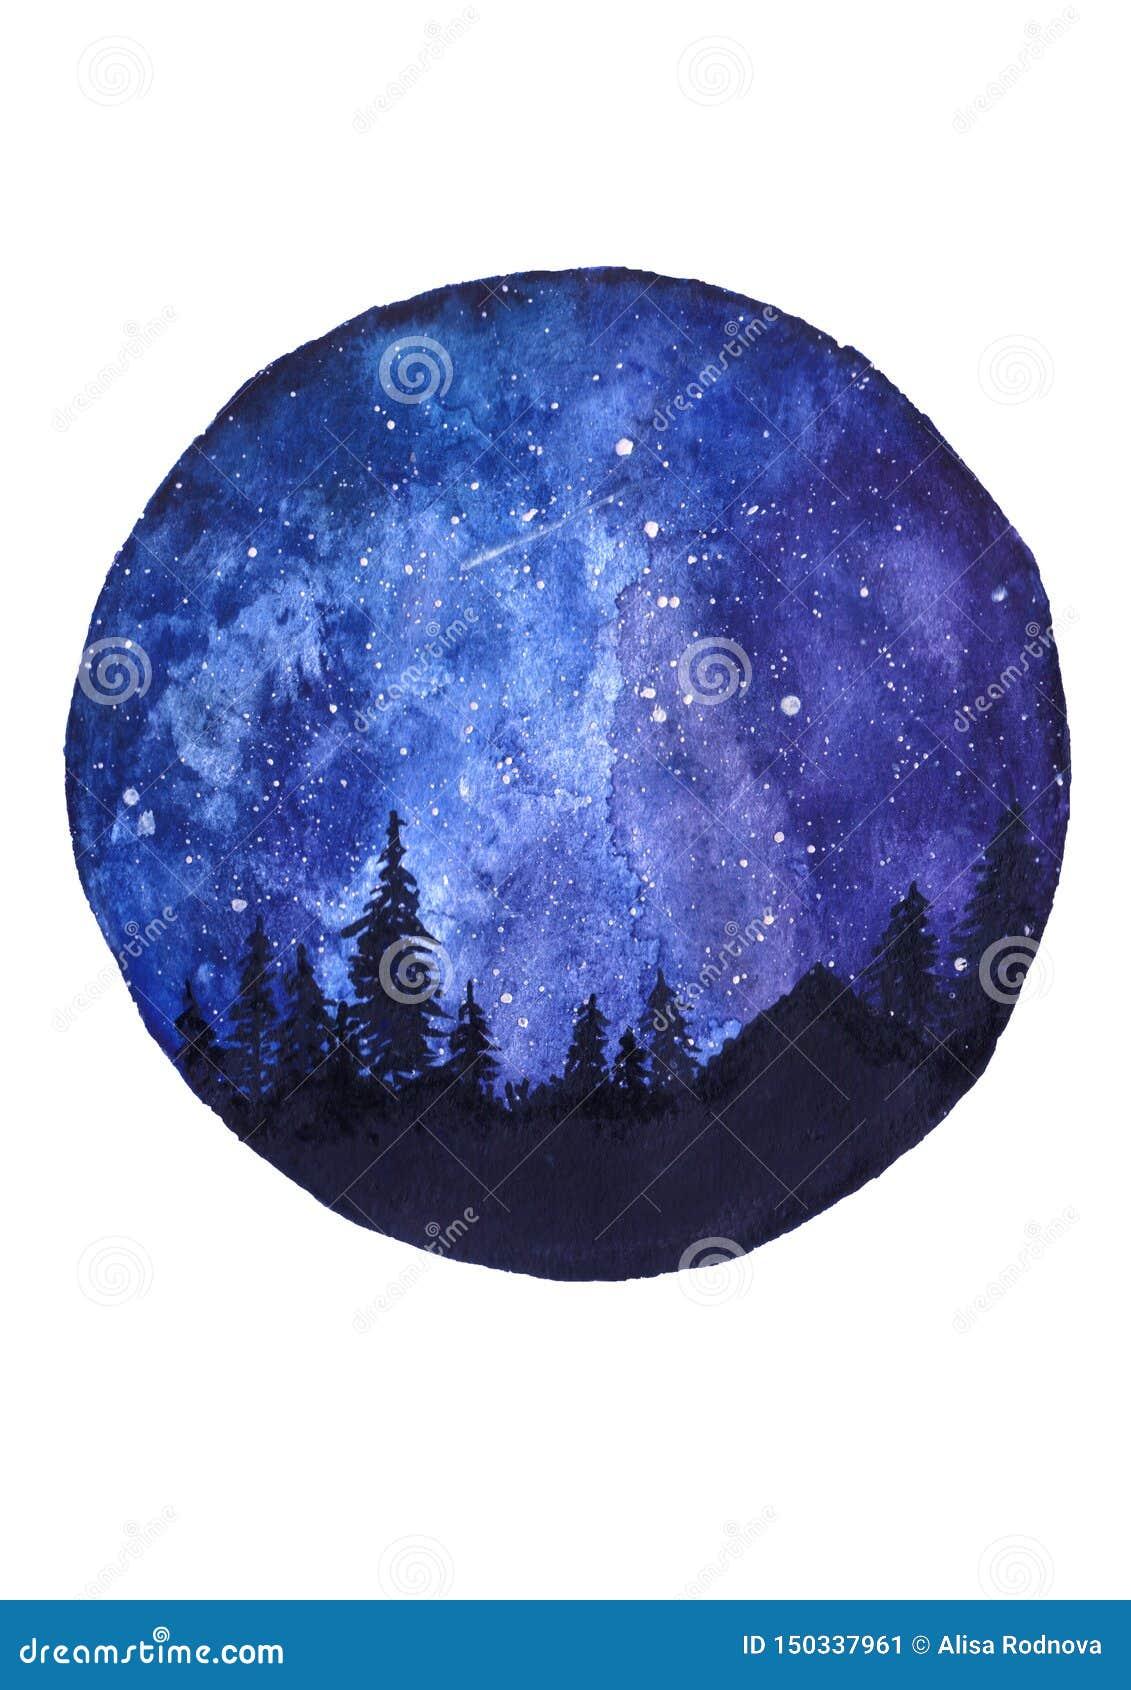 Kosmische hemel met sterren, hand-drawn waterverfillustratie